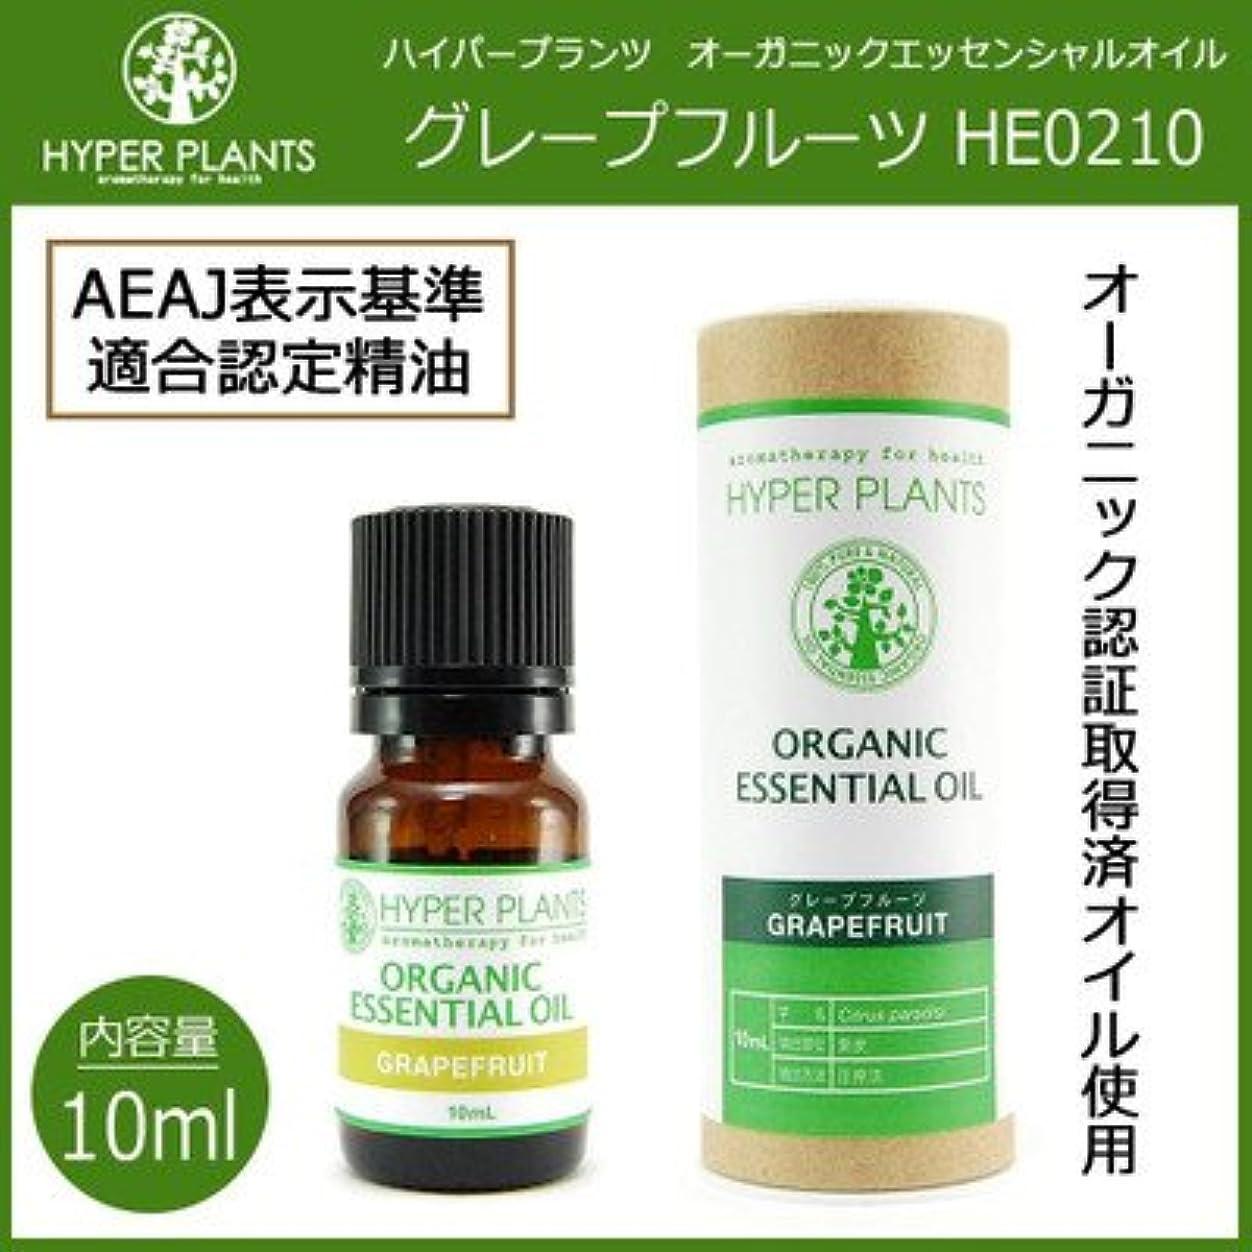 ミケランジェロ顔料決定する毎日の生活にアロマの香りを HYPER PLANTS ハイパープランツ オーガニックエッセンシャルオイル グレープフルーツ 10ml HE0210